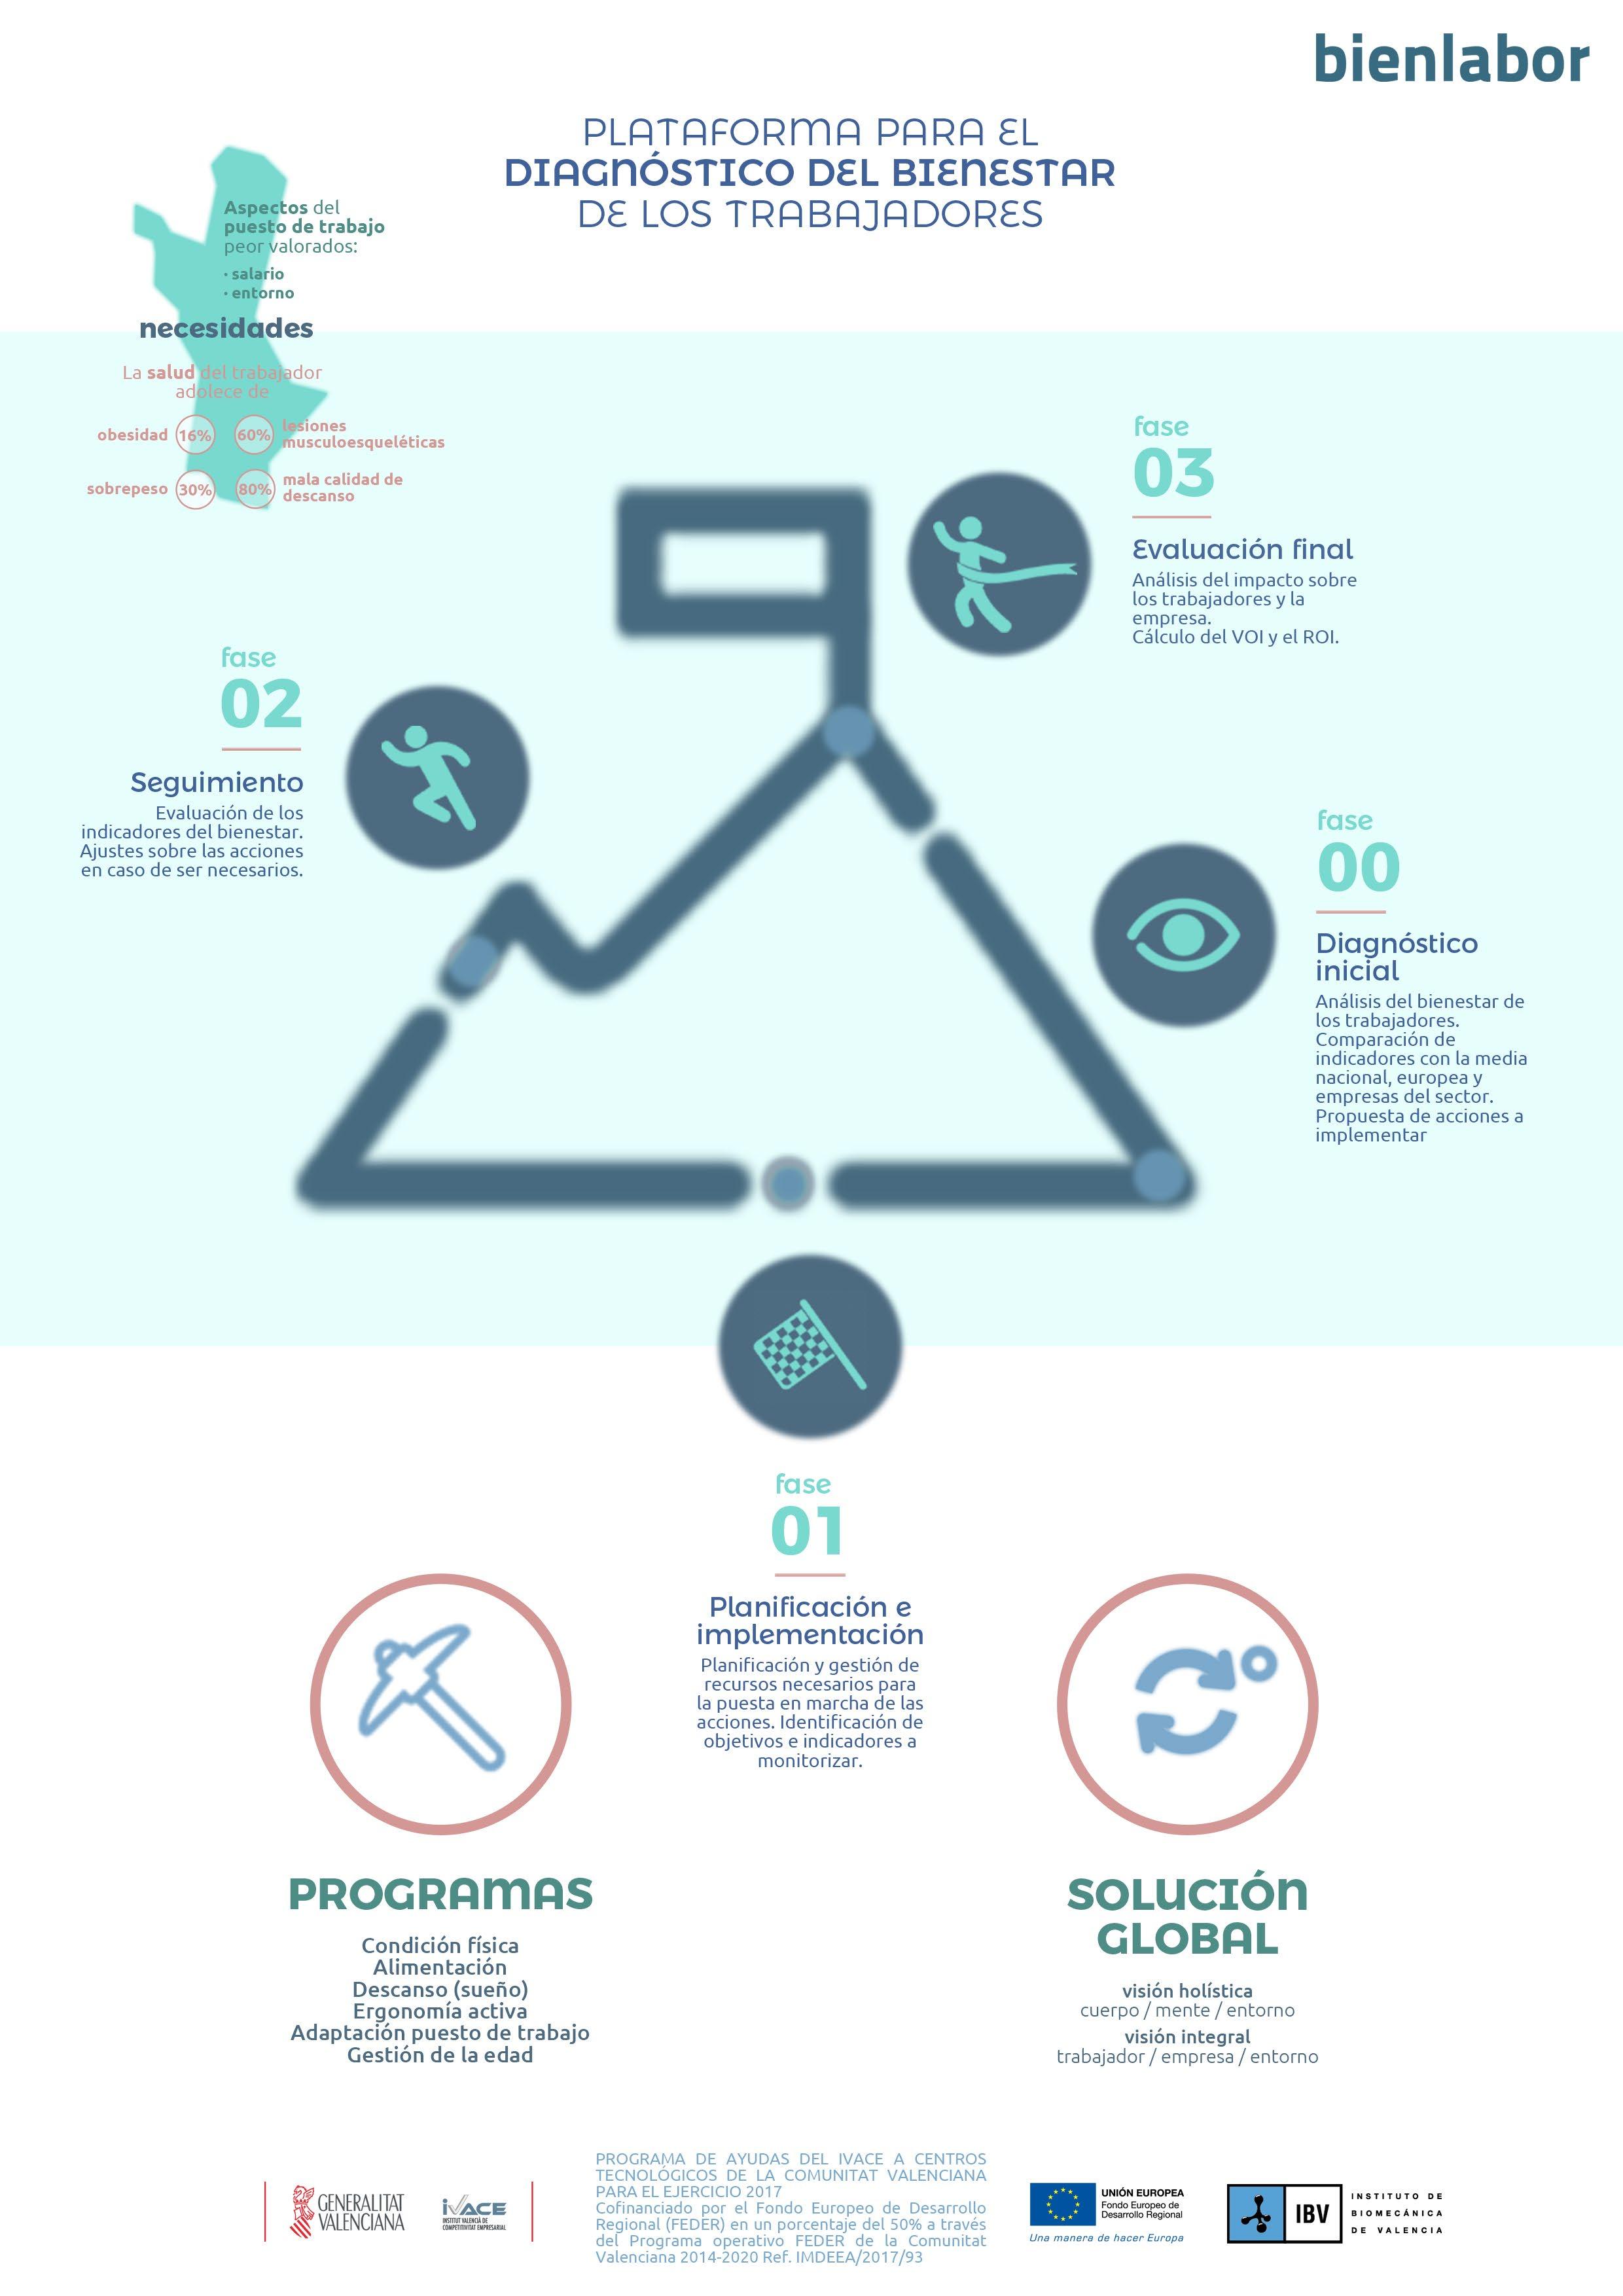 IBV infografia bienlabor